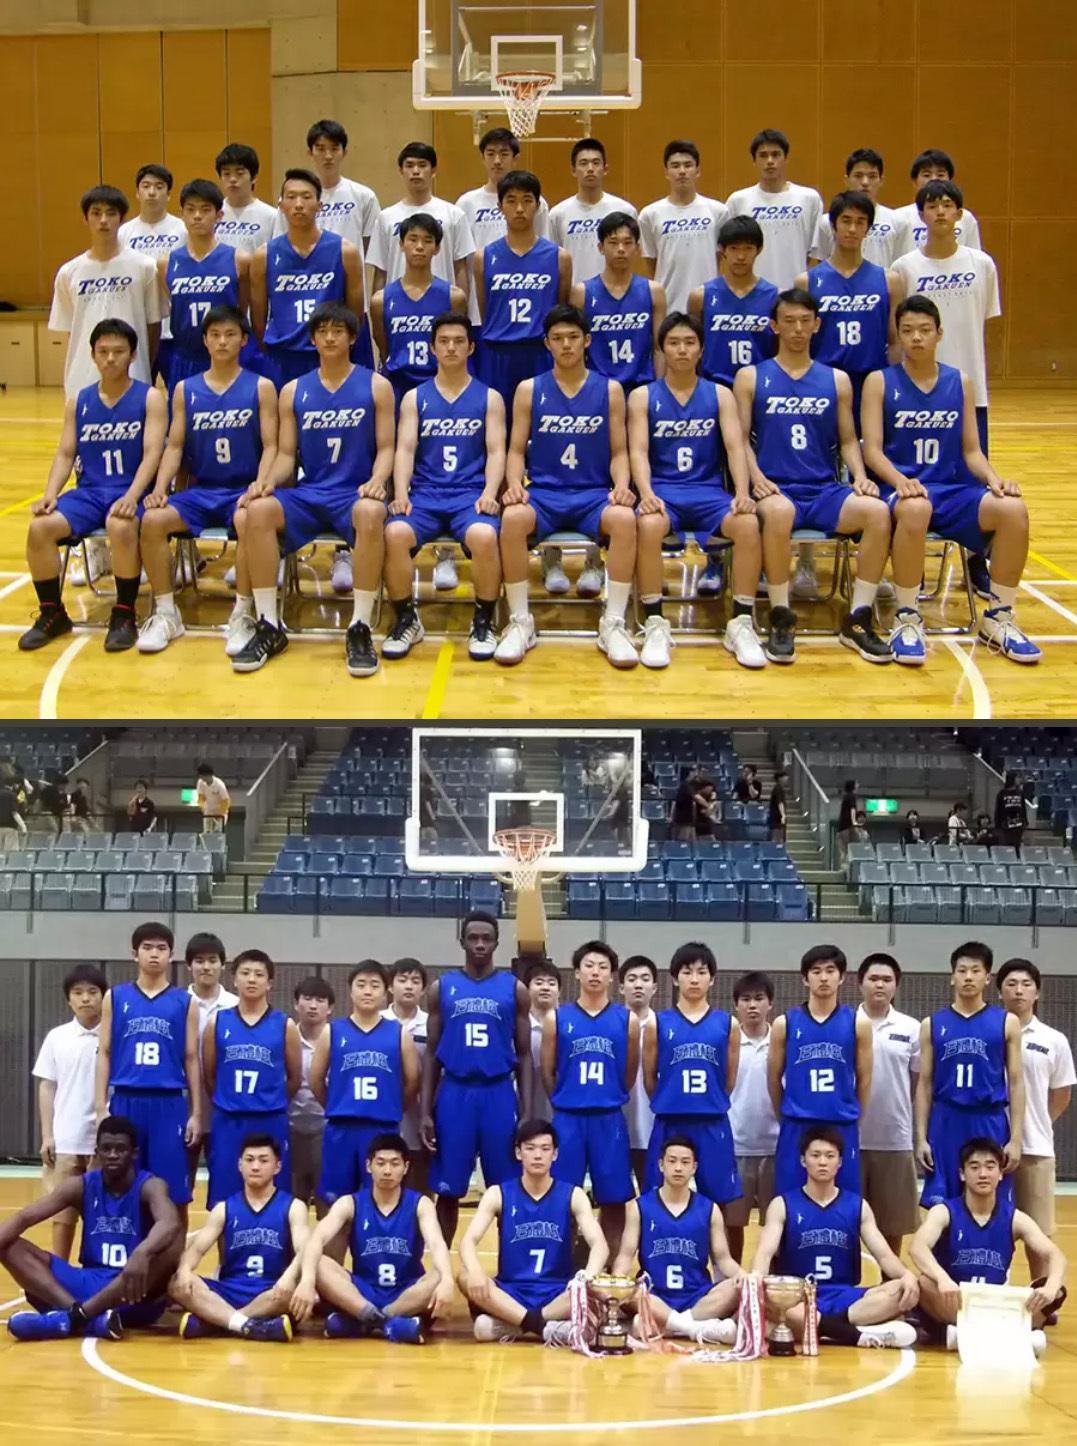 神奈川県代表の桐光学園高等学校(川崎市)と千葉県代表の日本体育大学柏高等学校